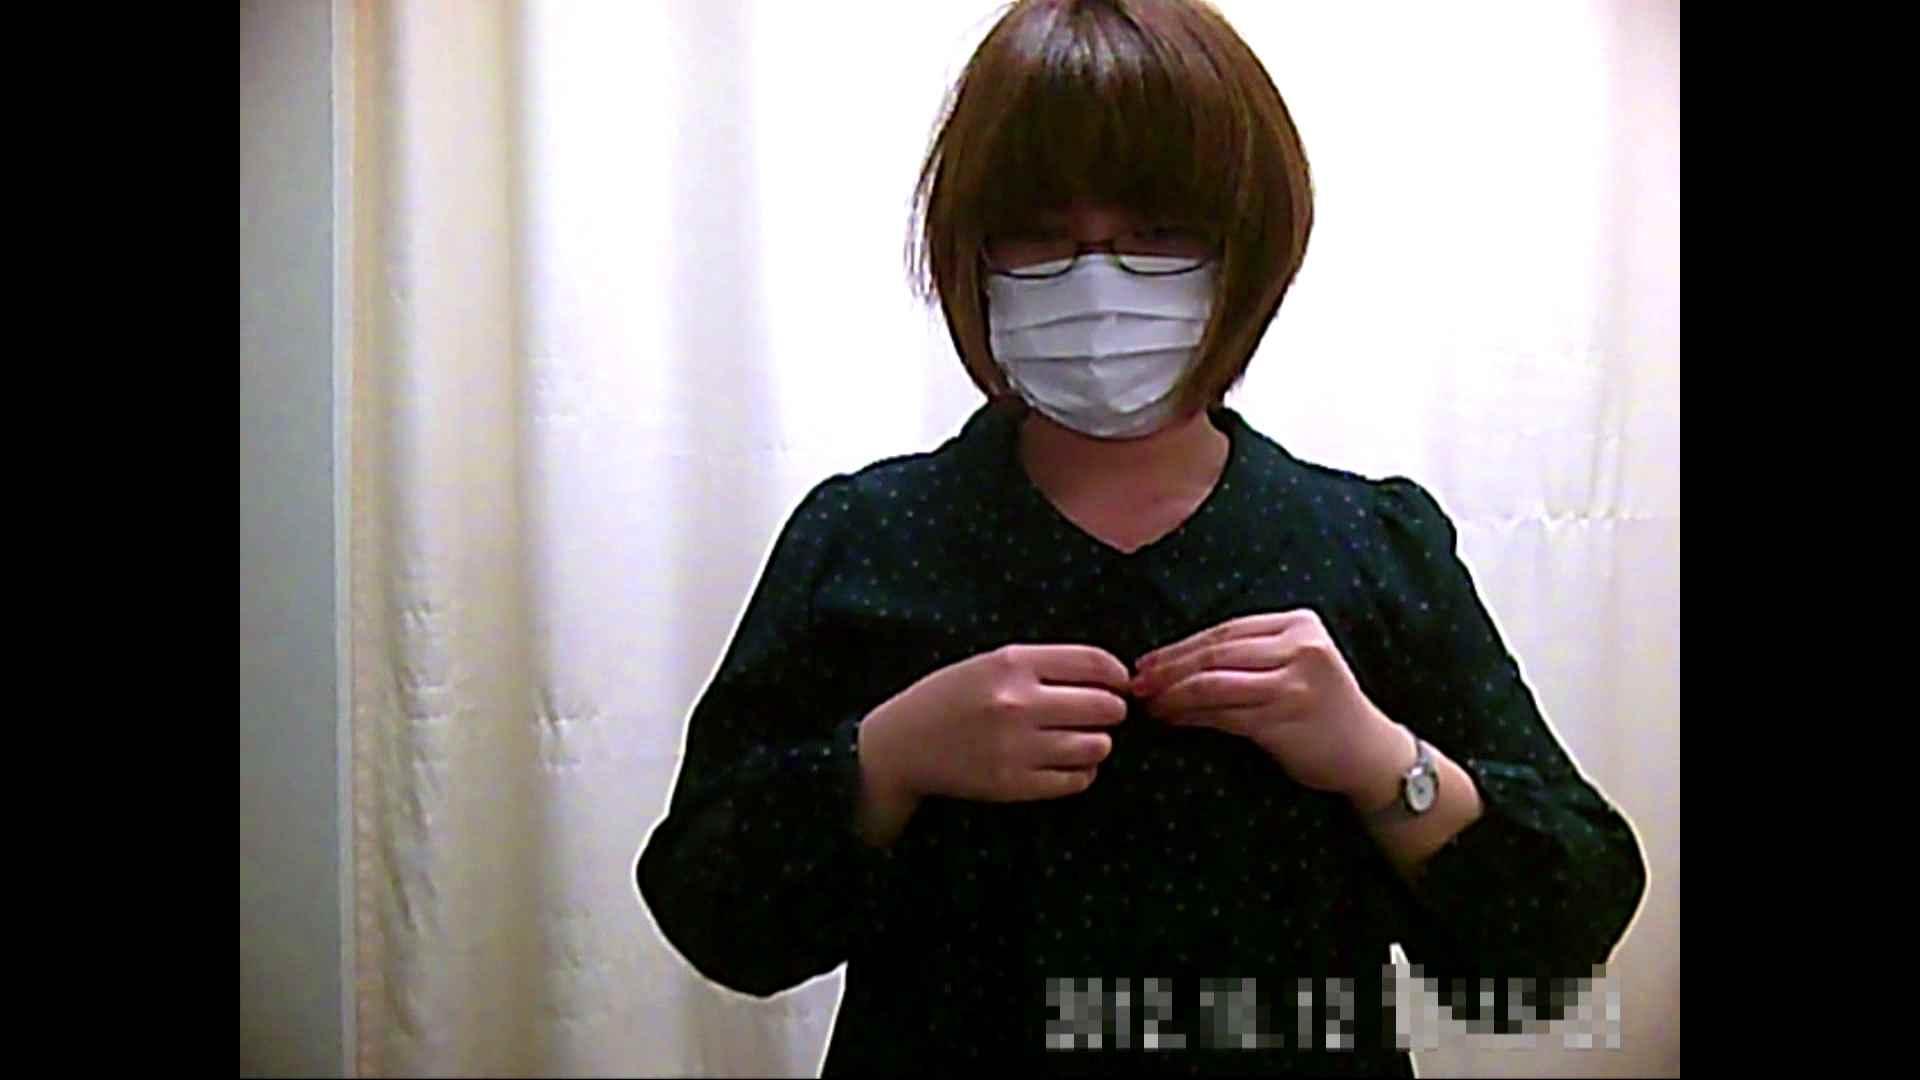 元医者による反抗 更衣室地獄絵巻 vol.061 OLハメ撮り  91Pix 77